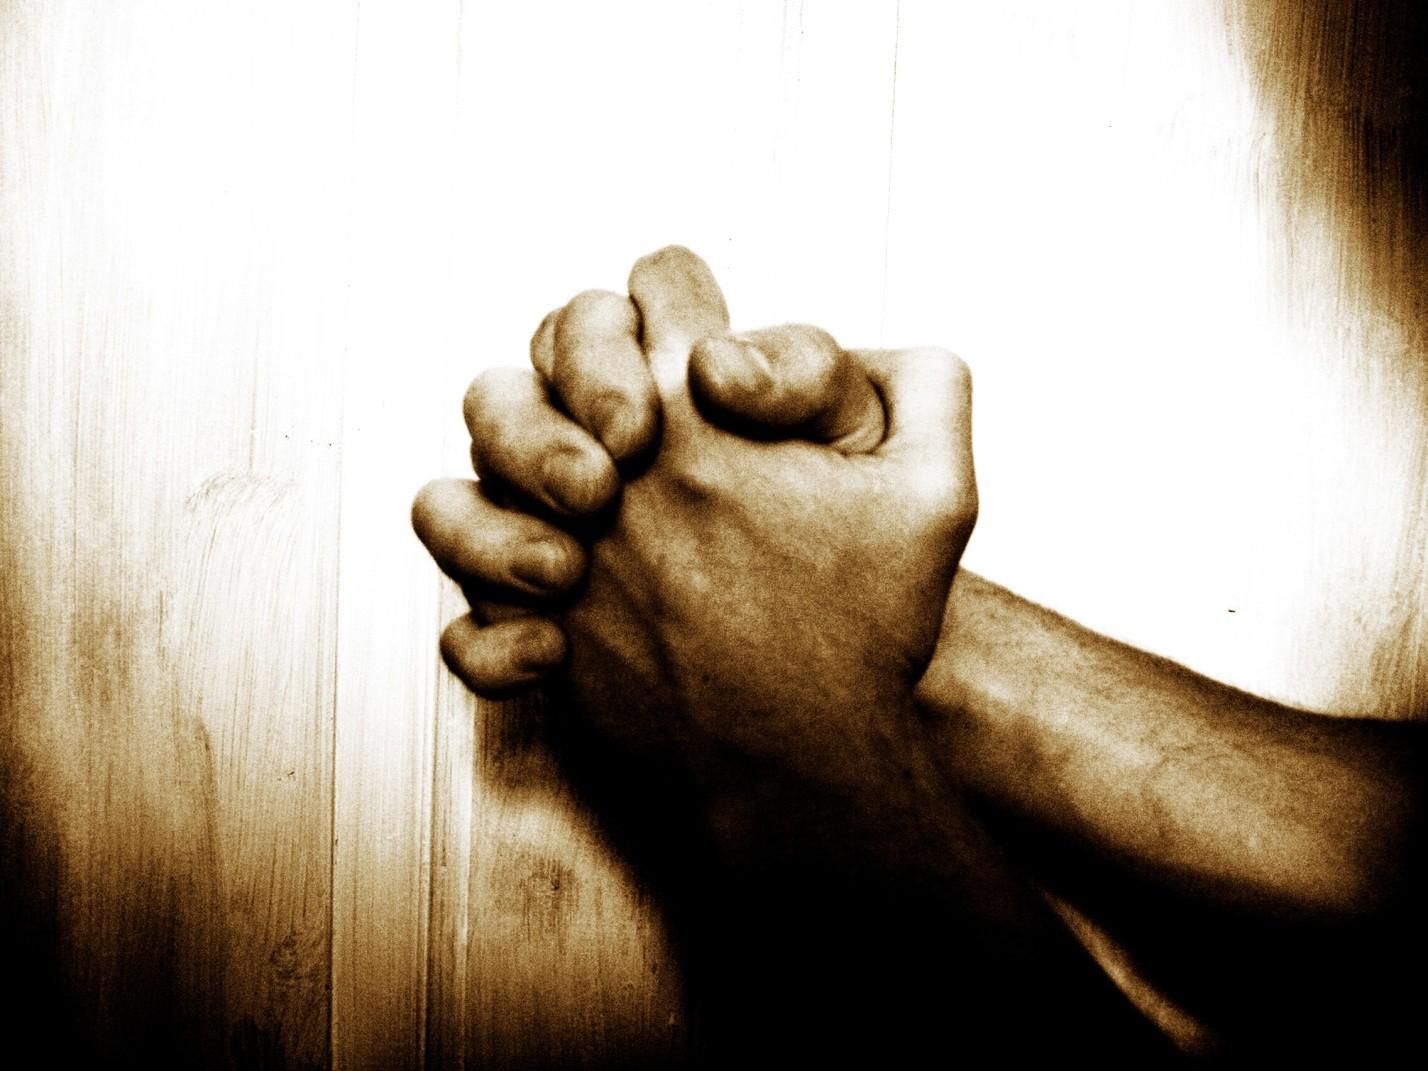 A Spiritual Reawakening